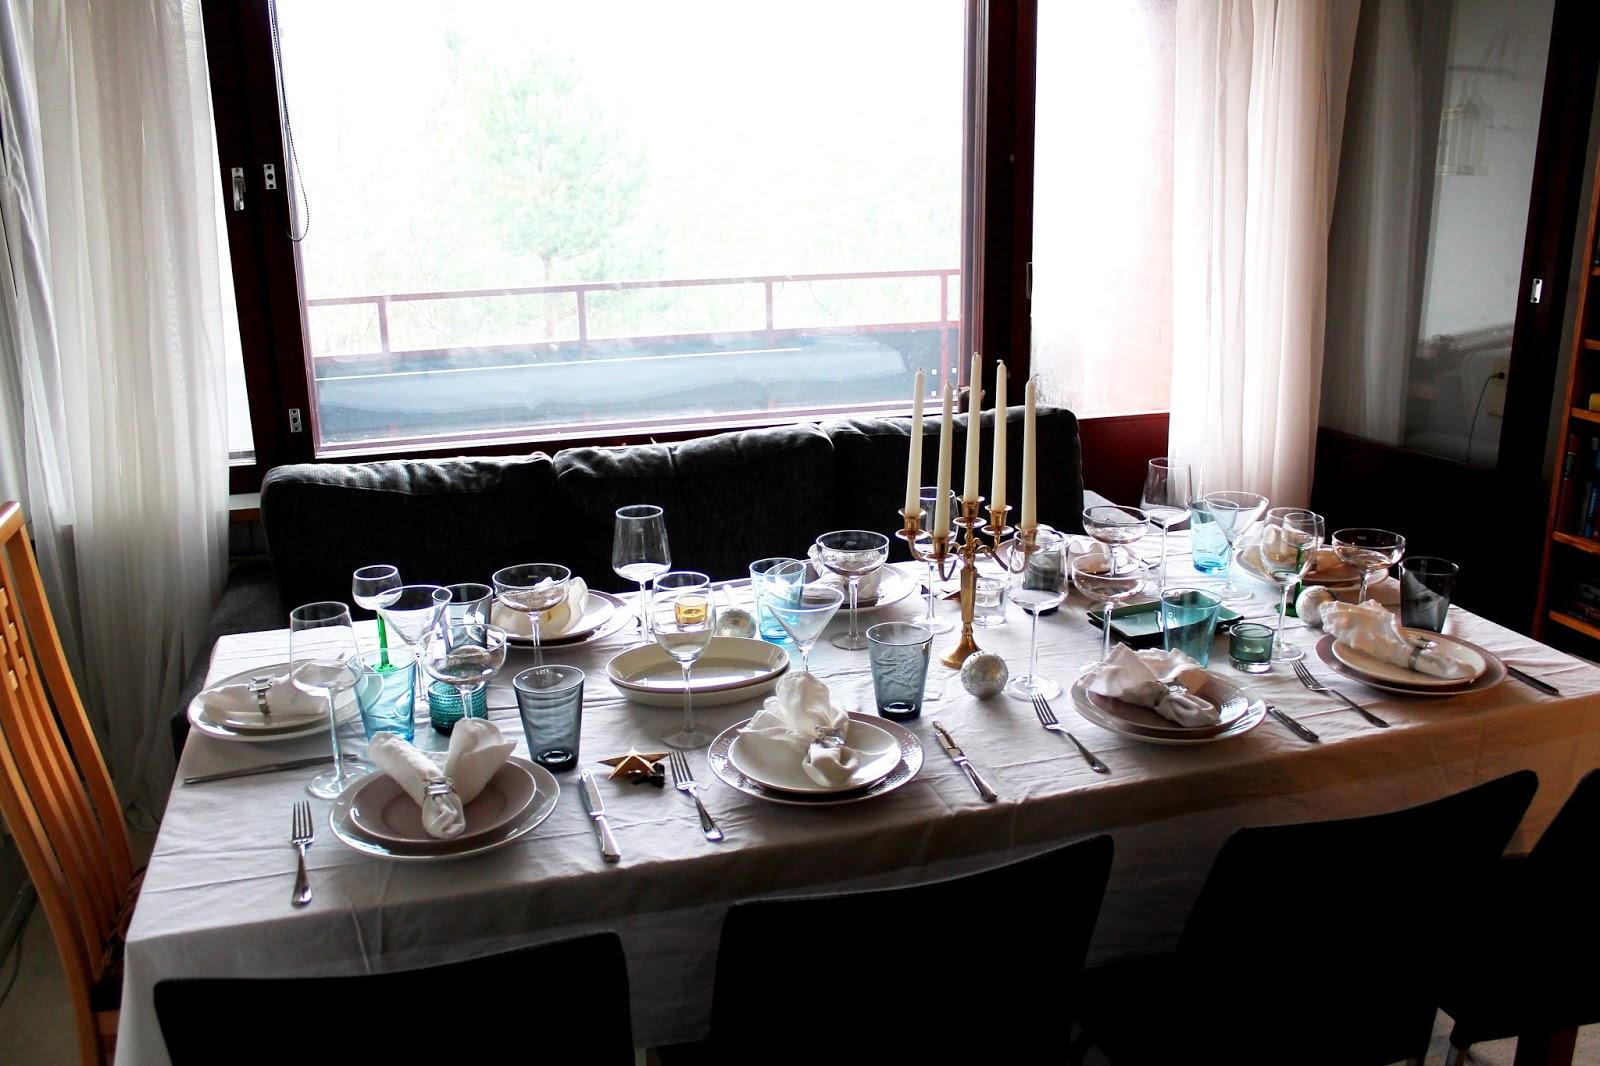 #pre #christmas, dinner, table, setting, kattaus, pikkujoulu, joulu, pöytä, illallinen, food, ruoka, päivällinen, ateria, meal